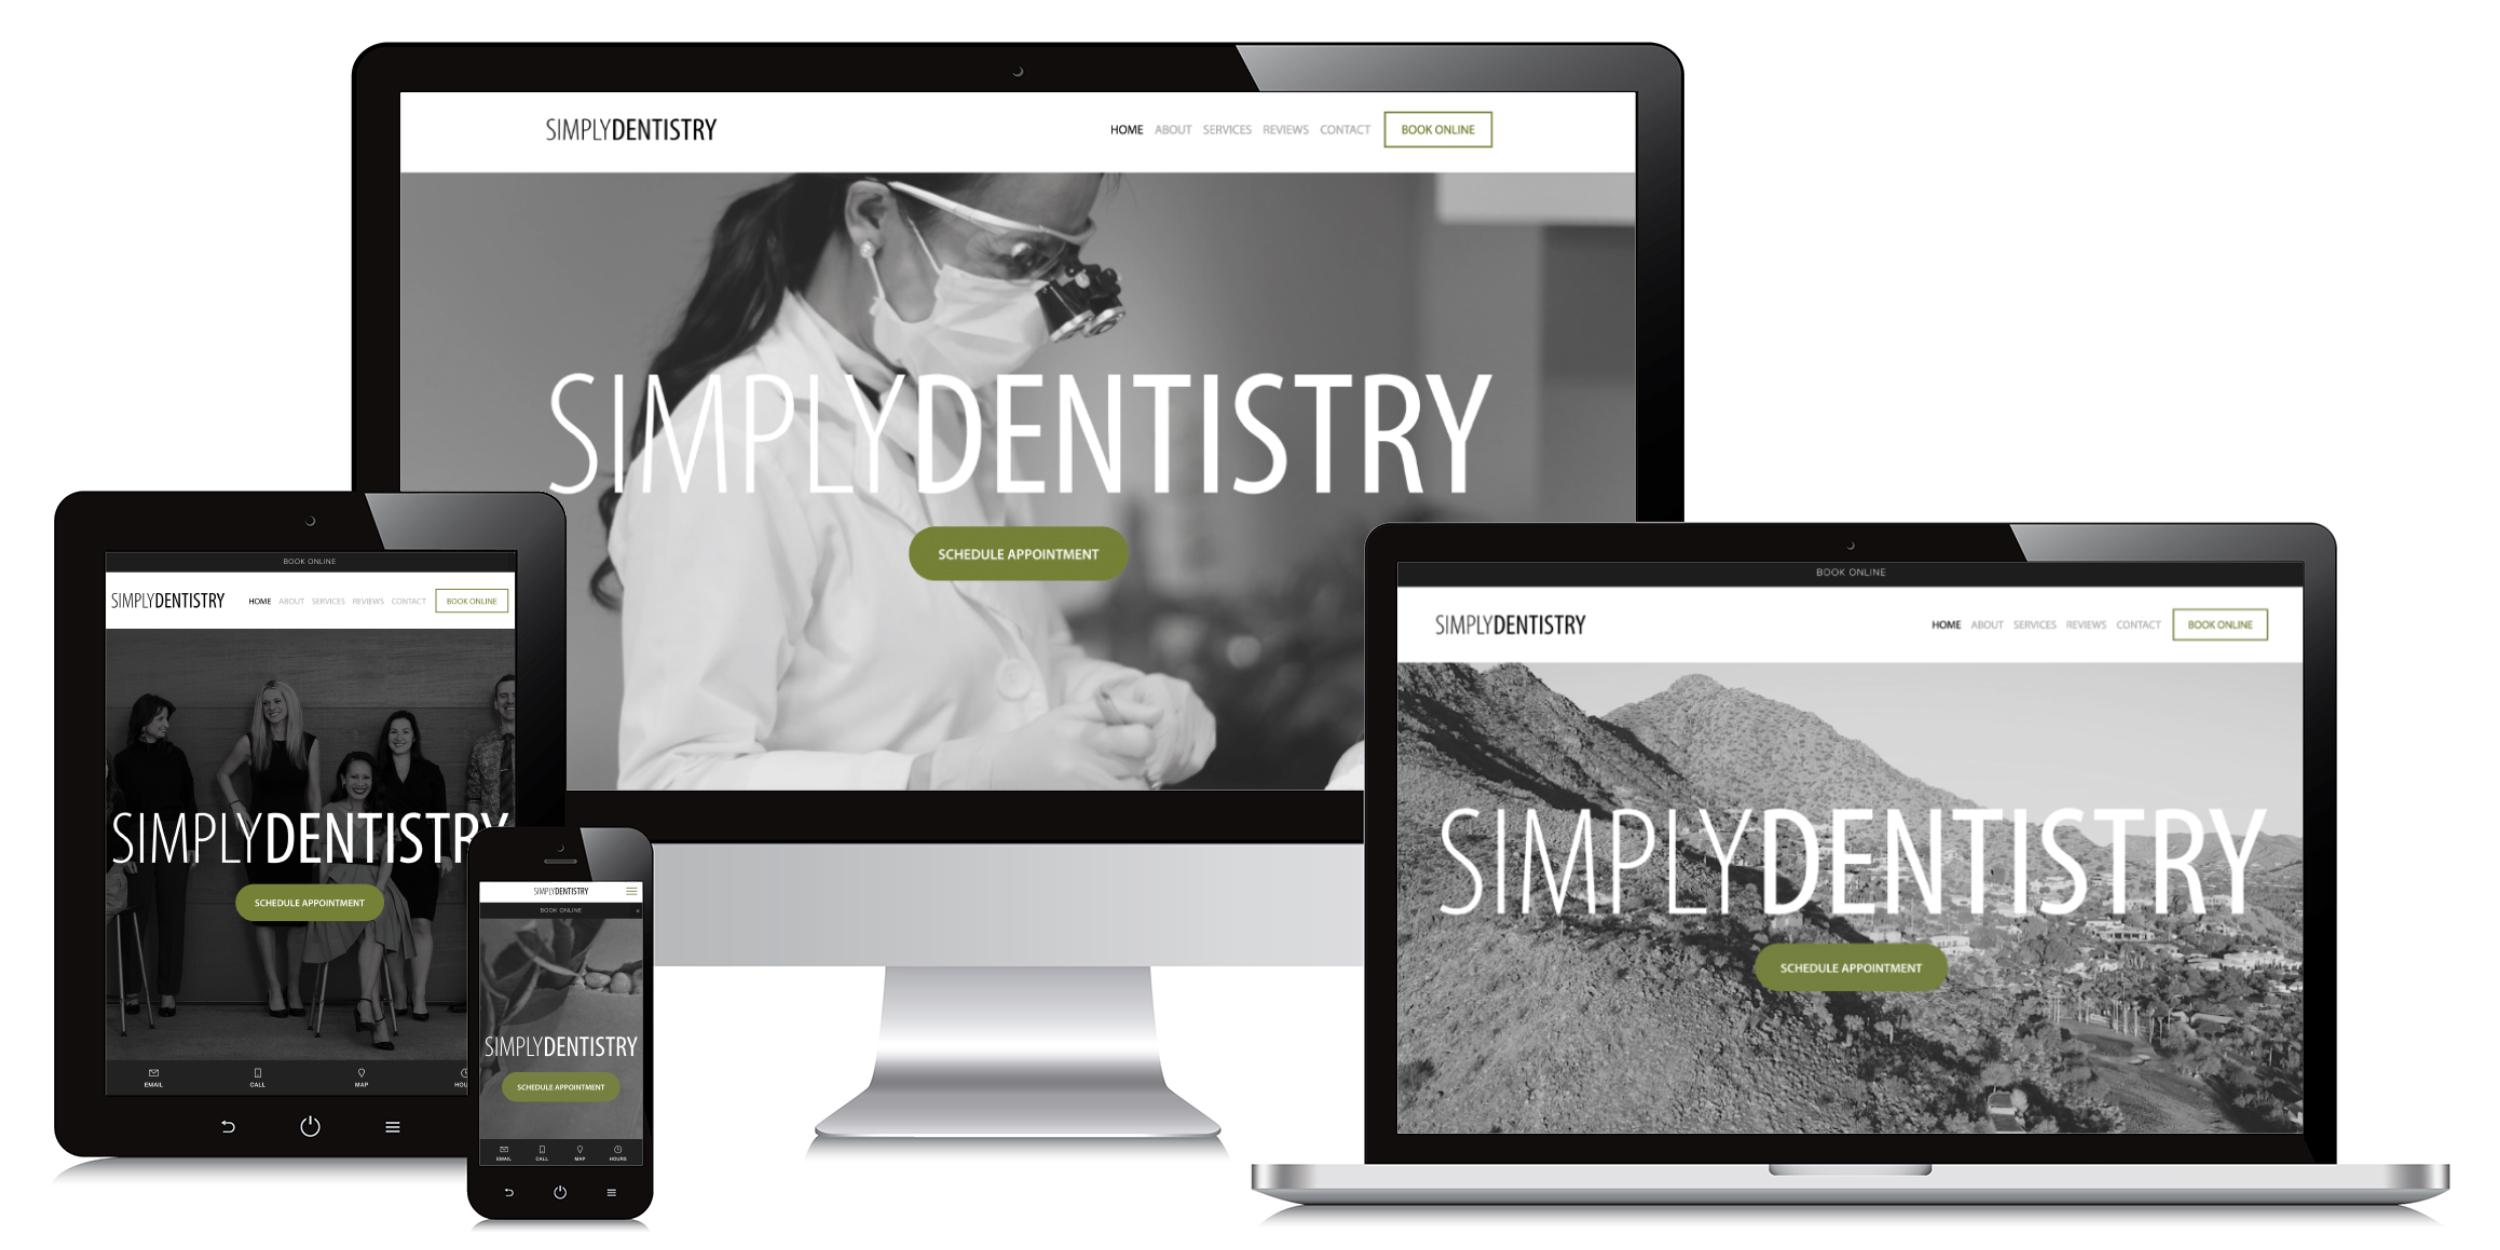 wilcomedia-simply-dentistry-website-showcase.jpg